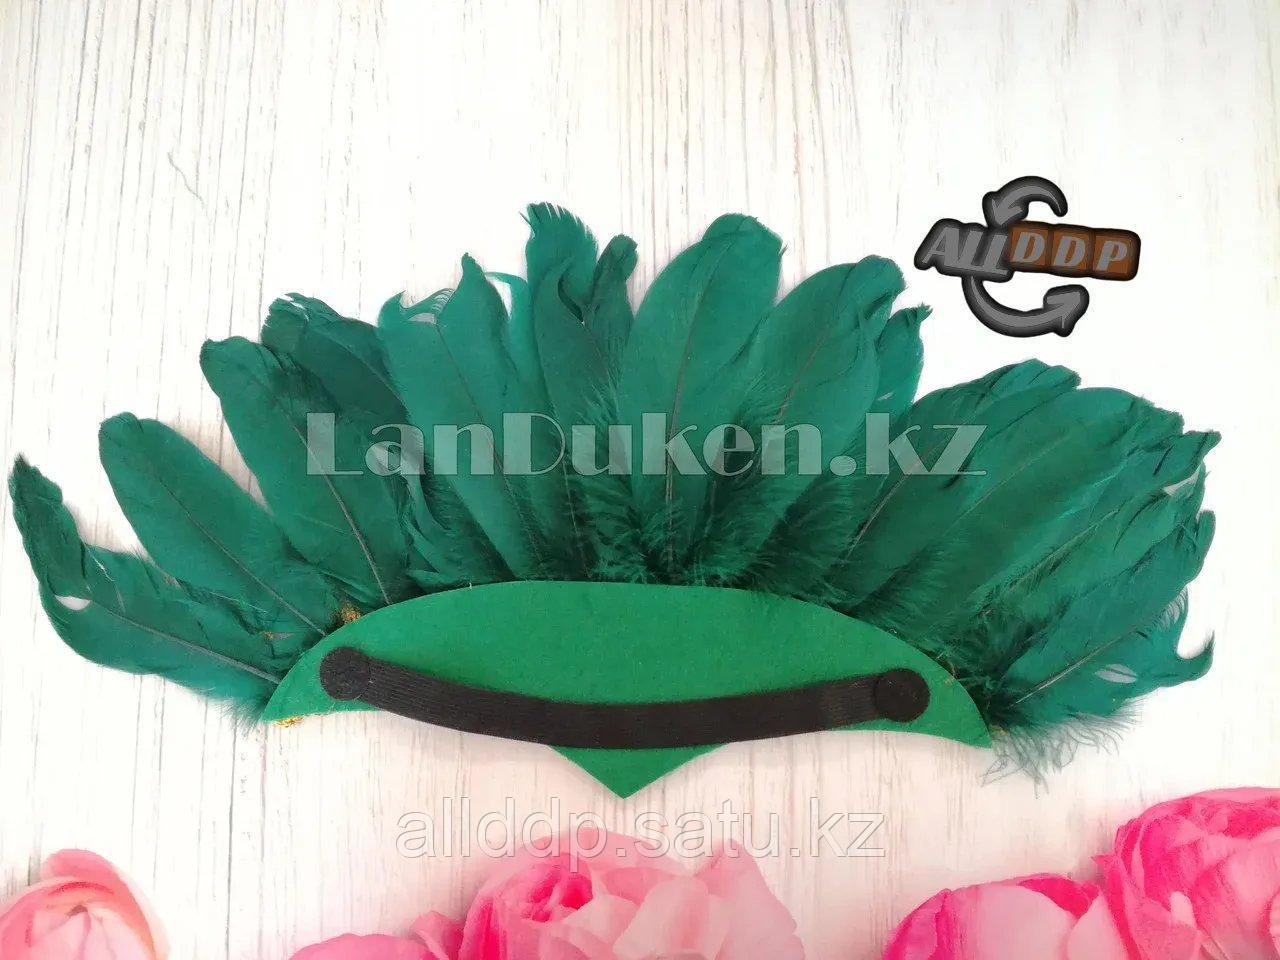 Бразильские перья головной убор зеленые